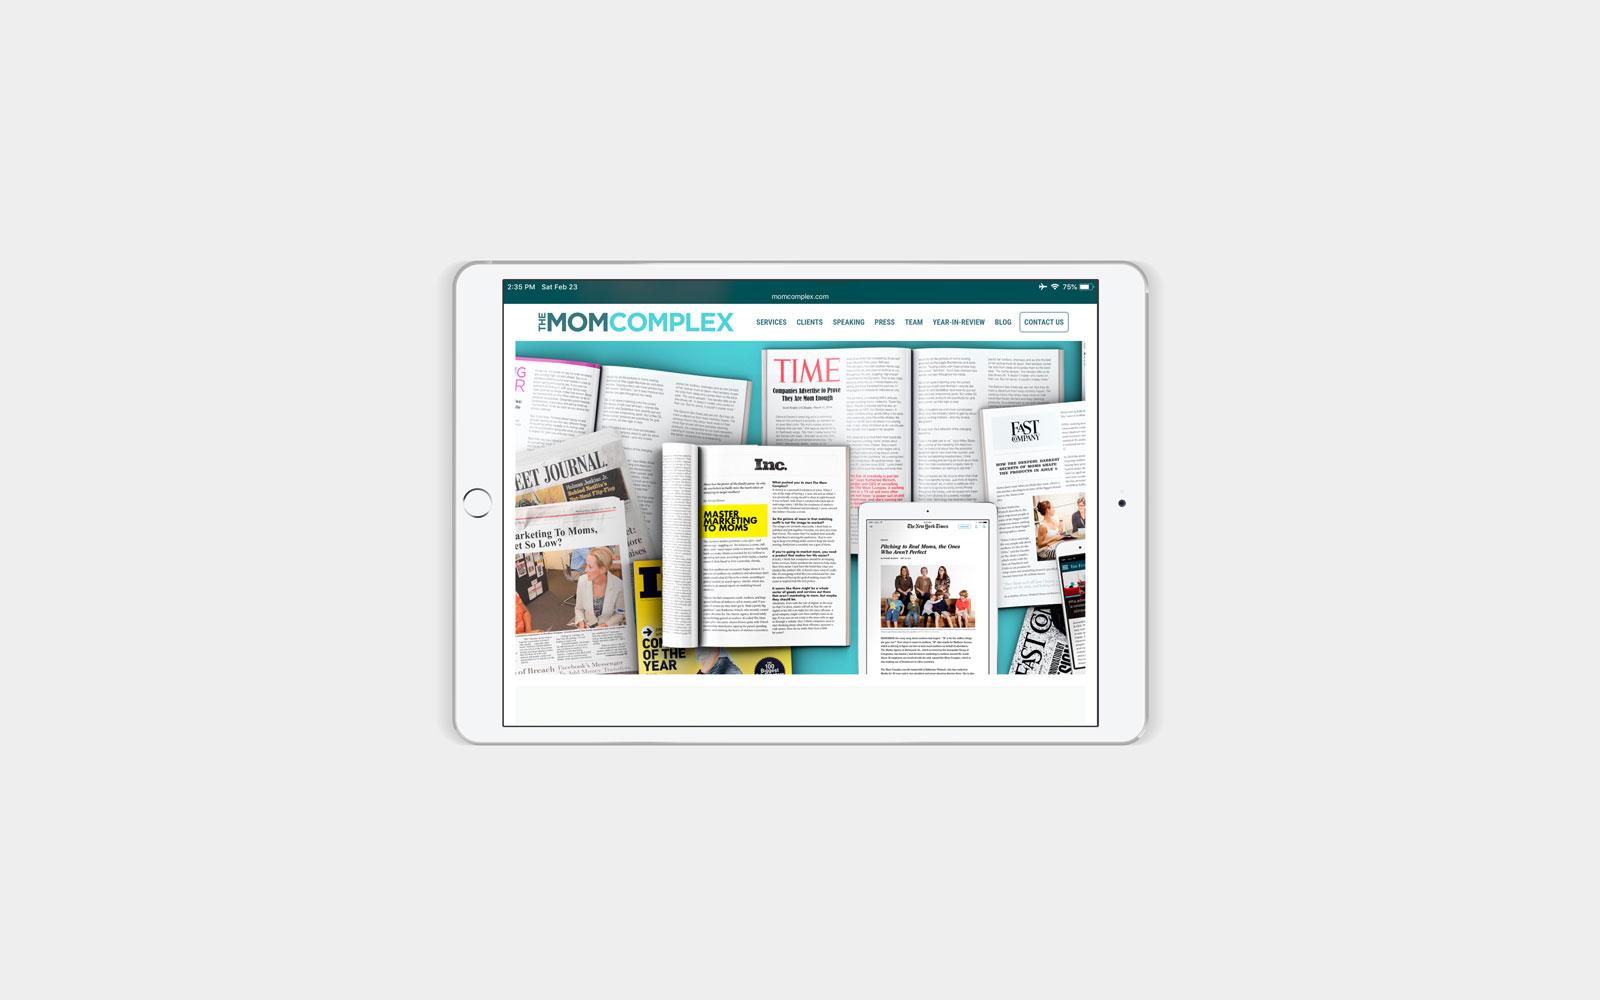 EVERGIB_Mom-Complex_Website_Tablet_Press_1600.jpg